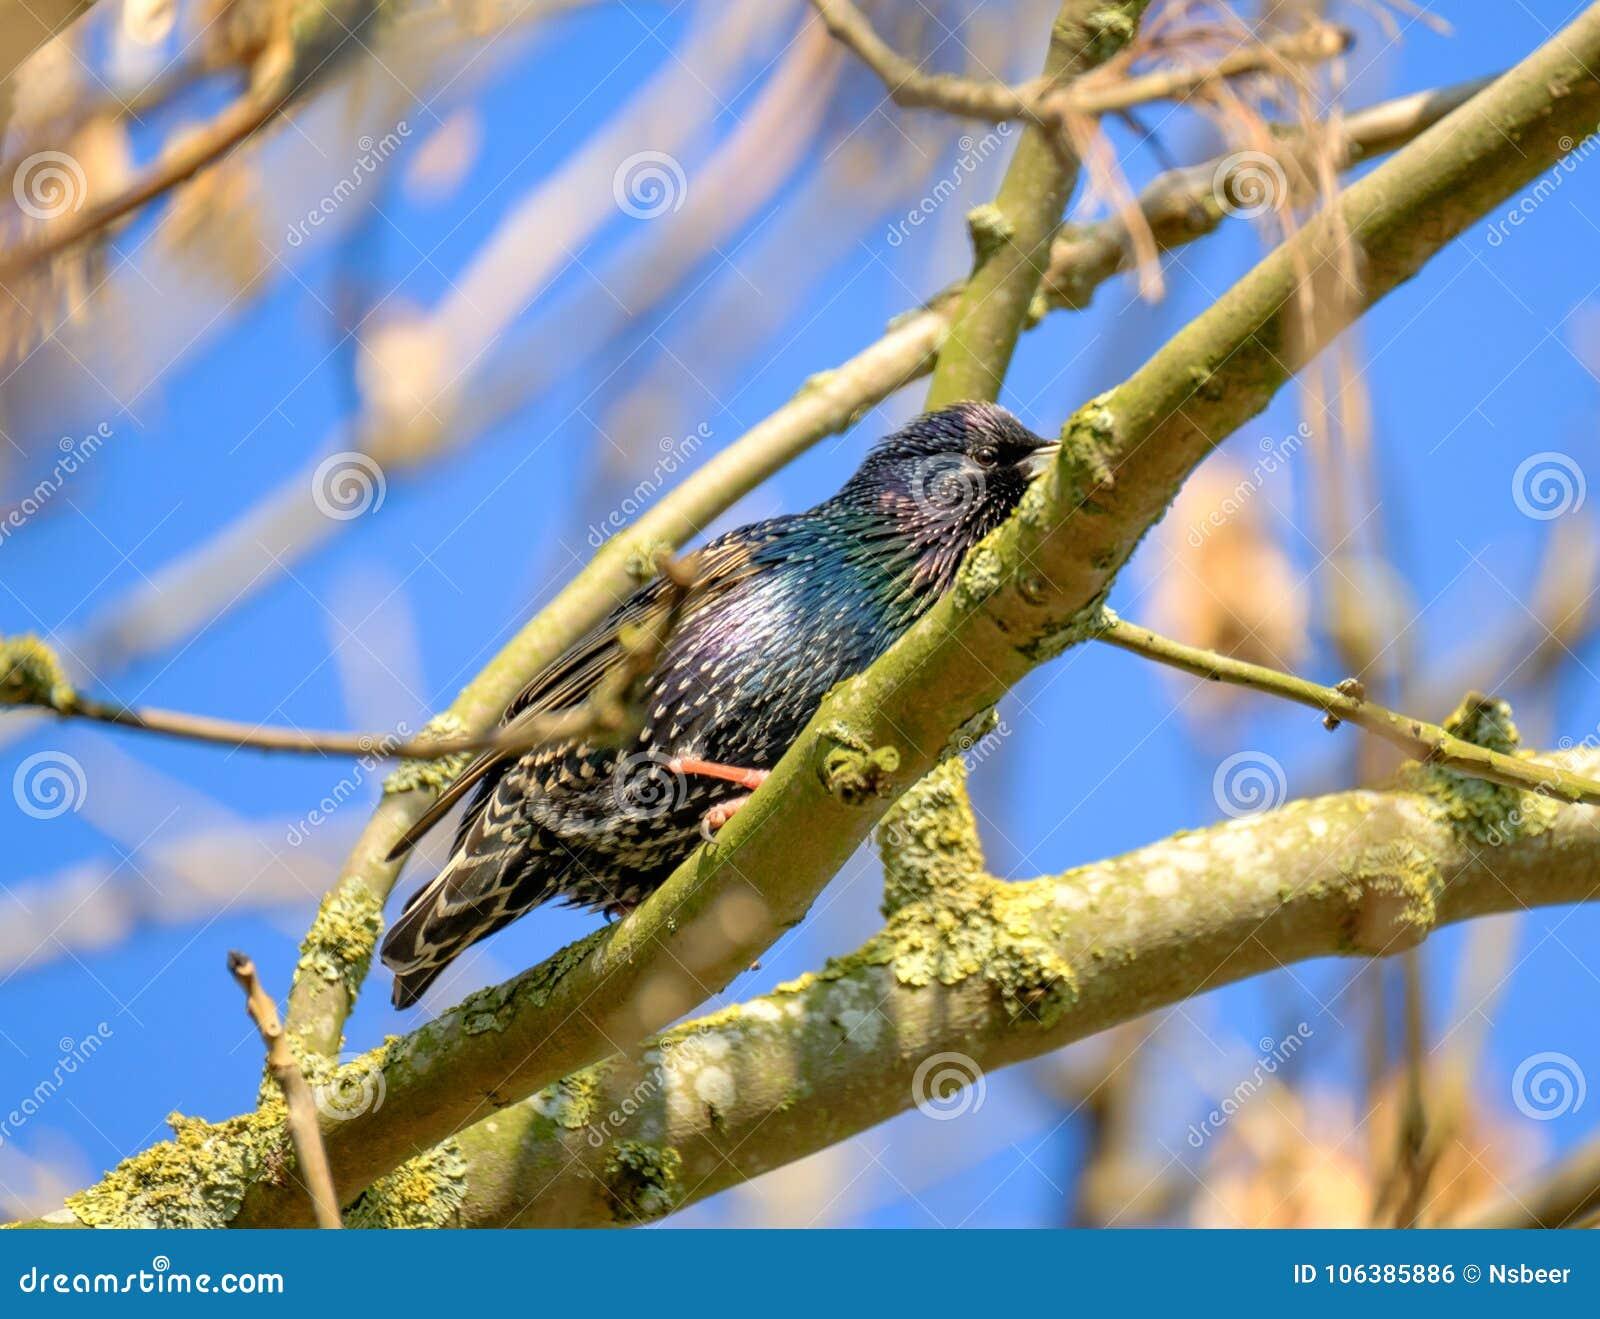 L oiseau adulte d étourneau vu était perché sur un arbre sauvage de sycomore situé dans une forêt